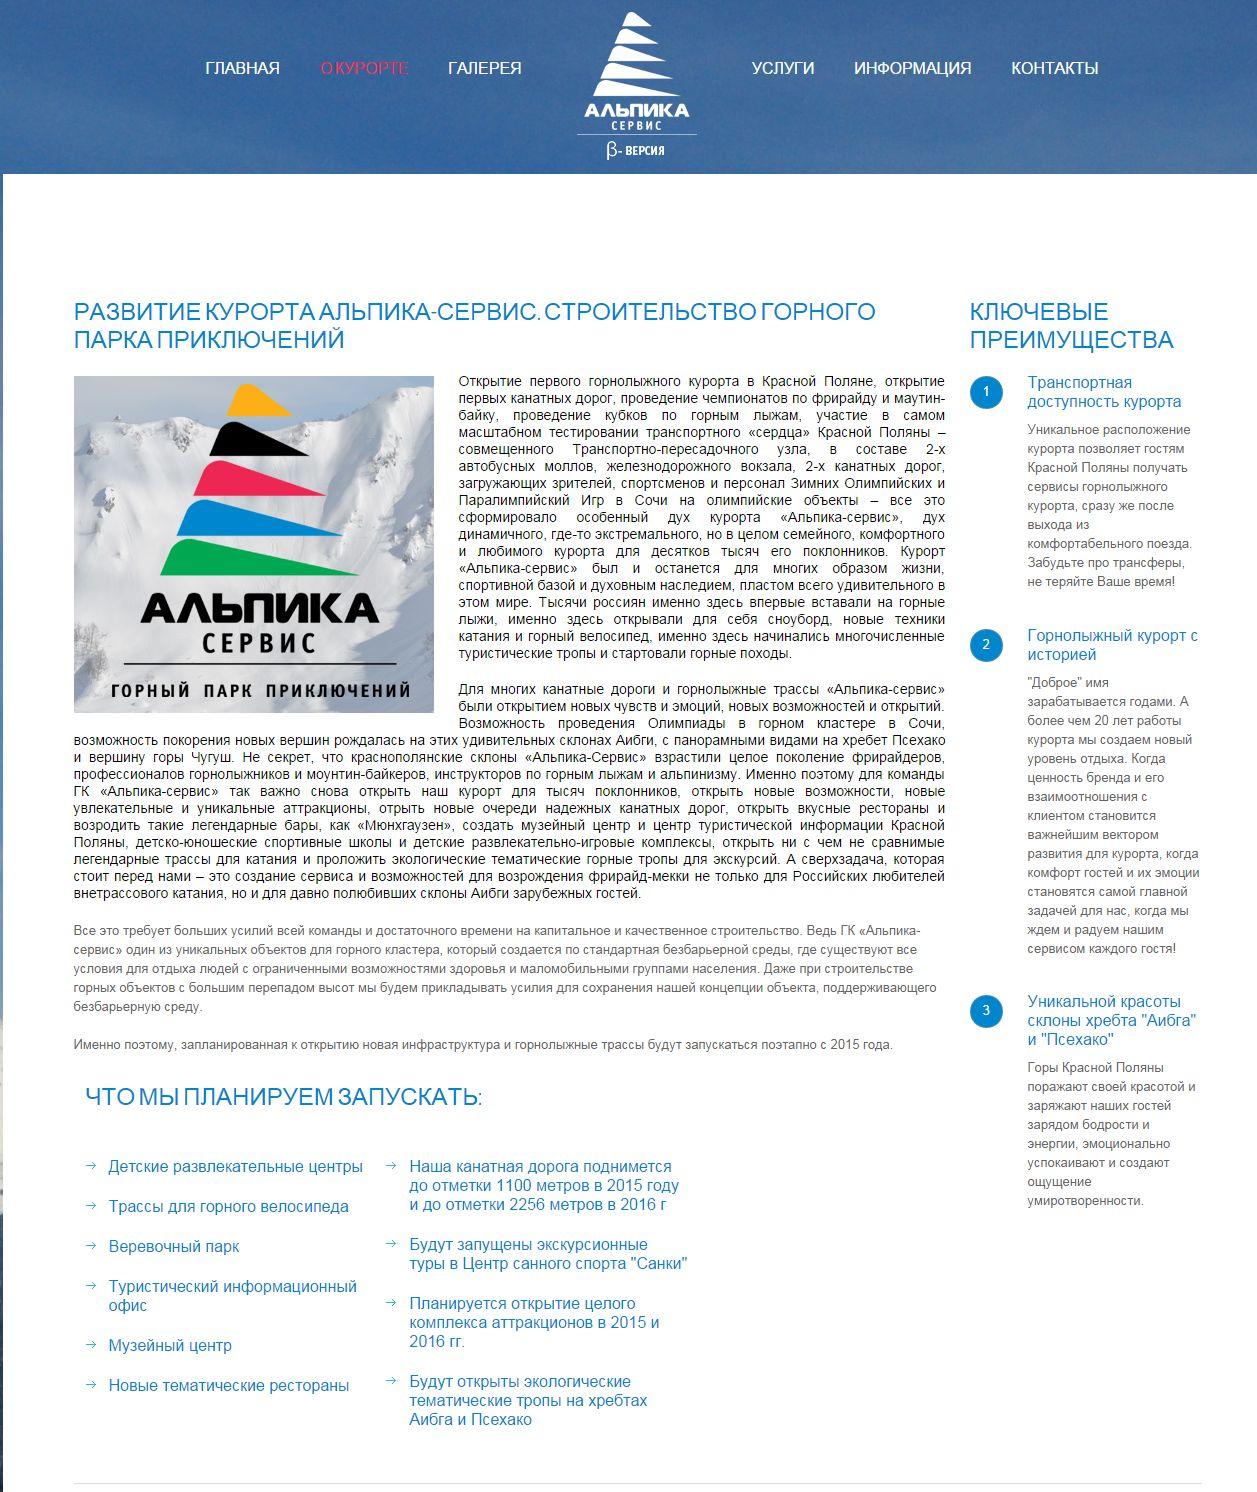 Новый сайт ГЛК Альпика-Сервис